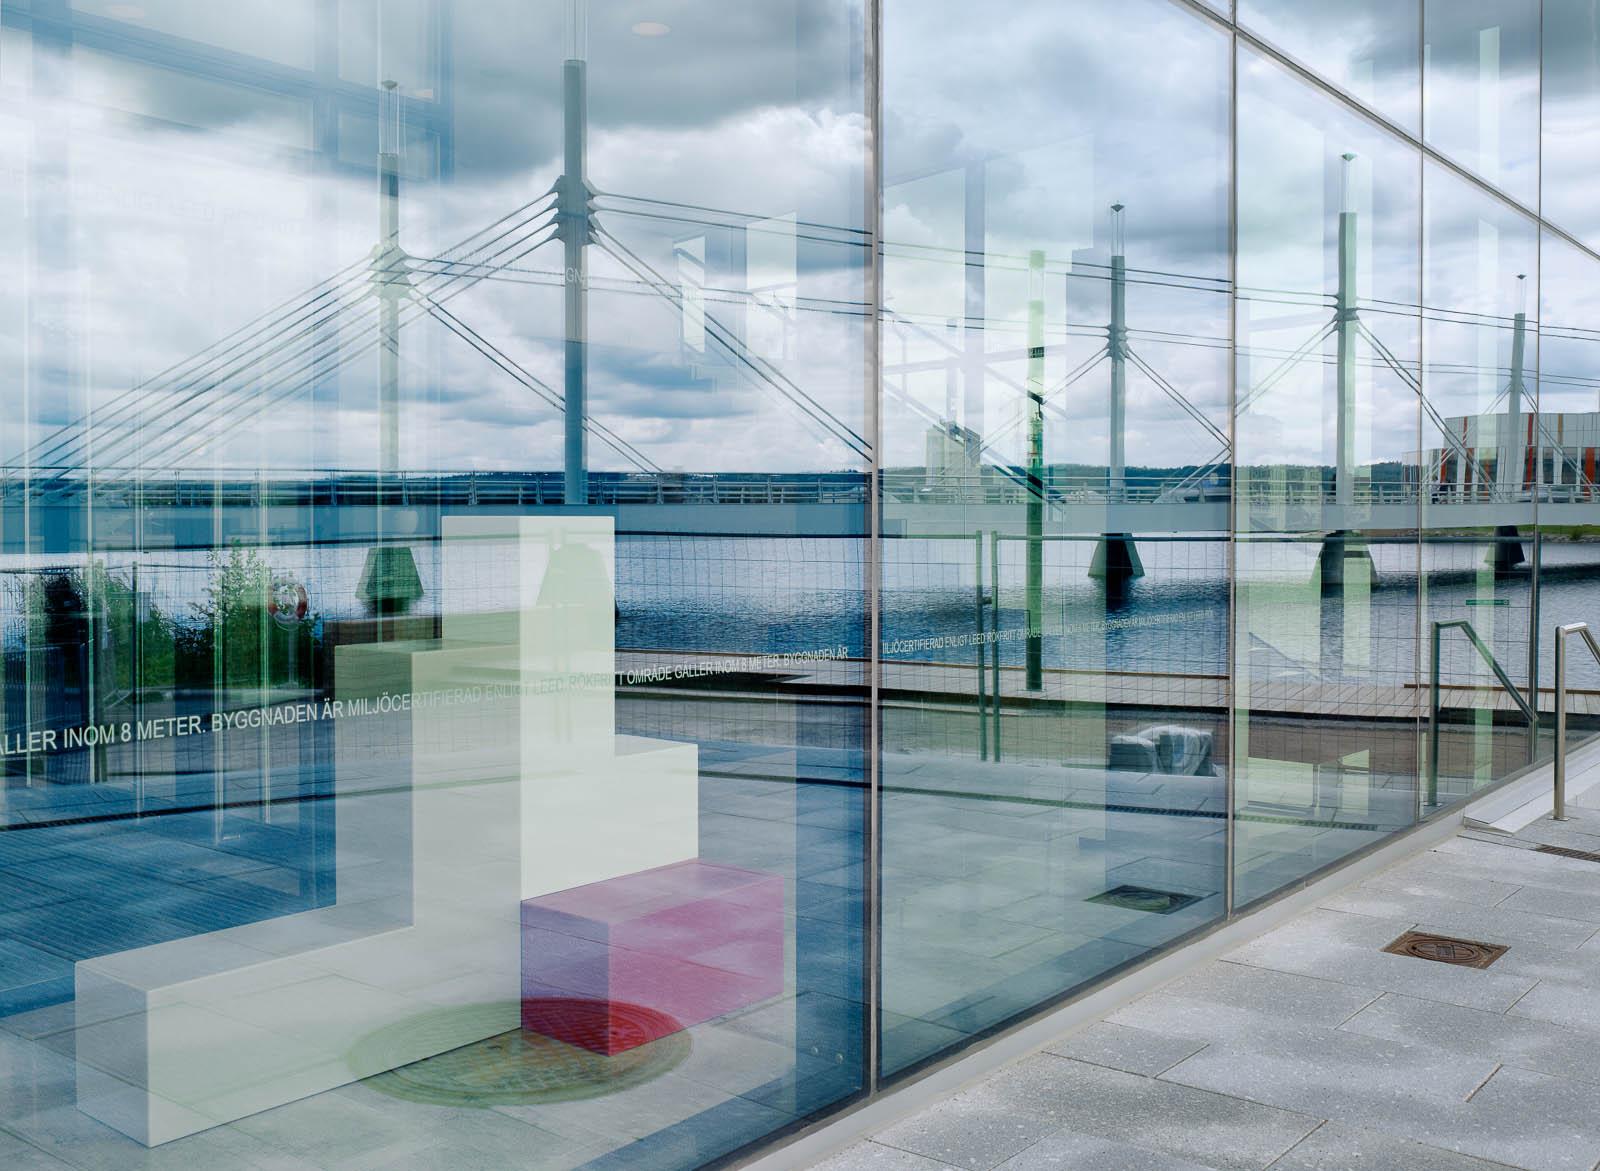 Genom glasfasaden på bottenplan syns en flerfärgad skulptur. Jacob Dahlgren, Tetris, 2012.